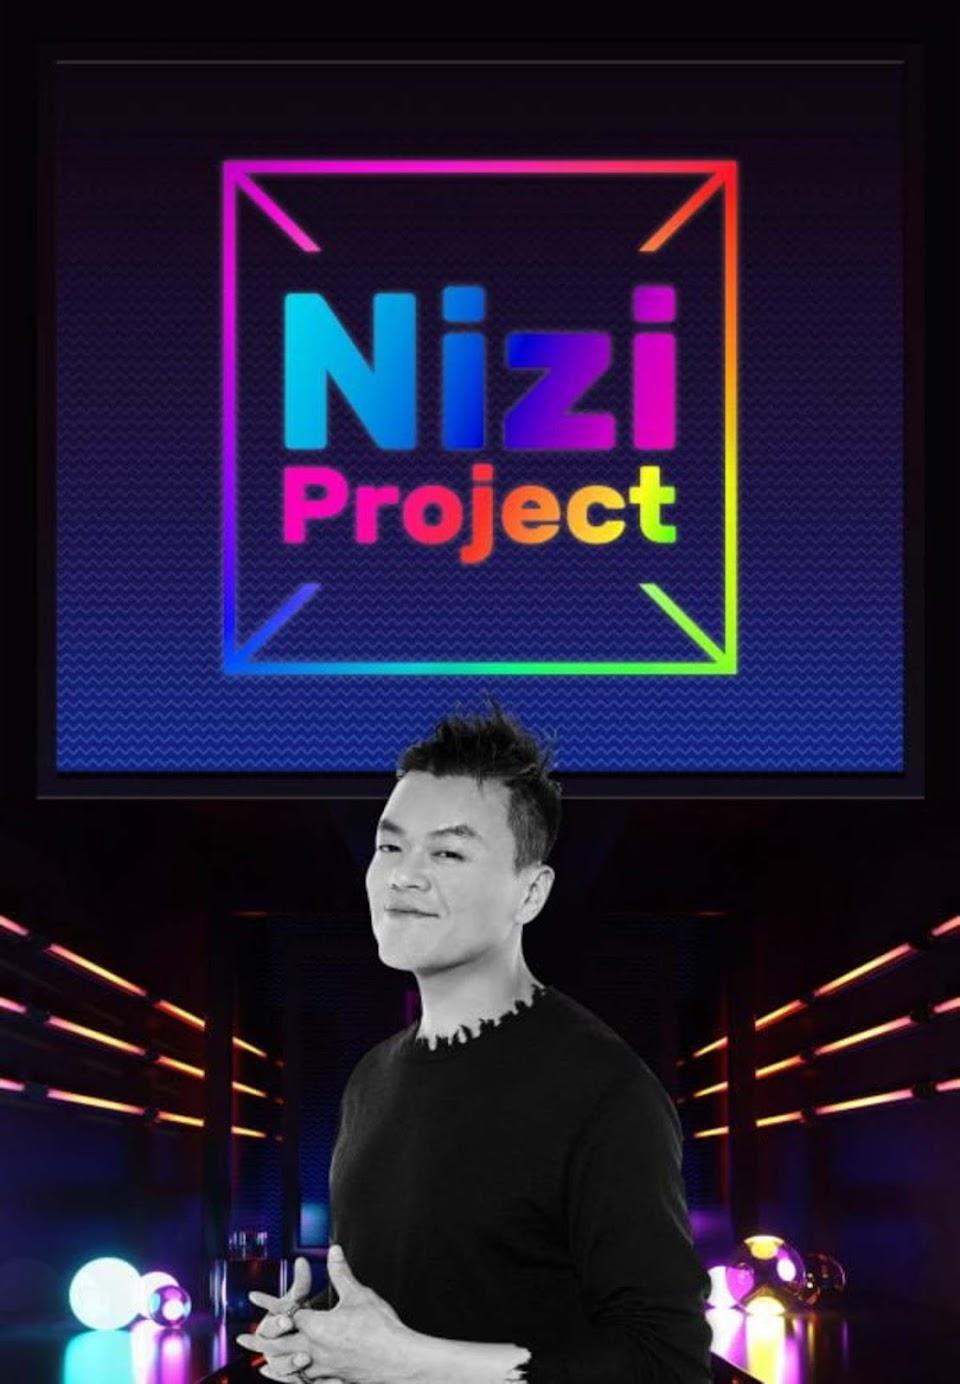 Nizi1